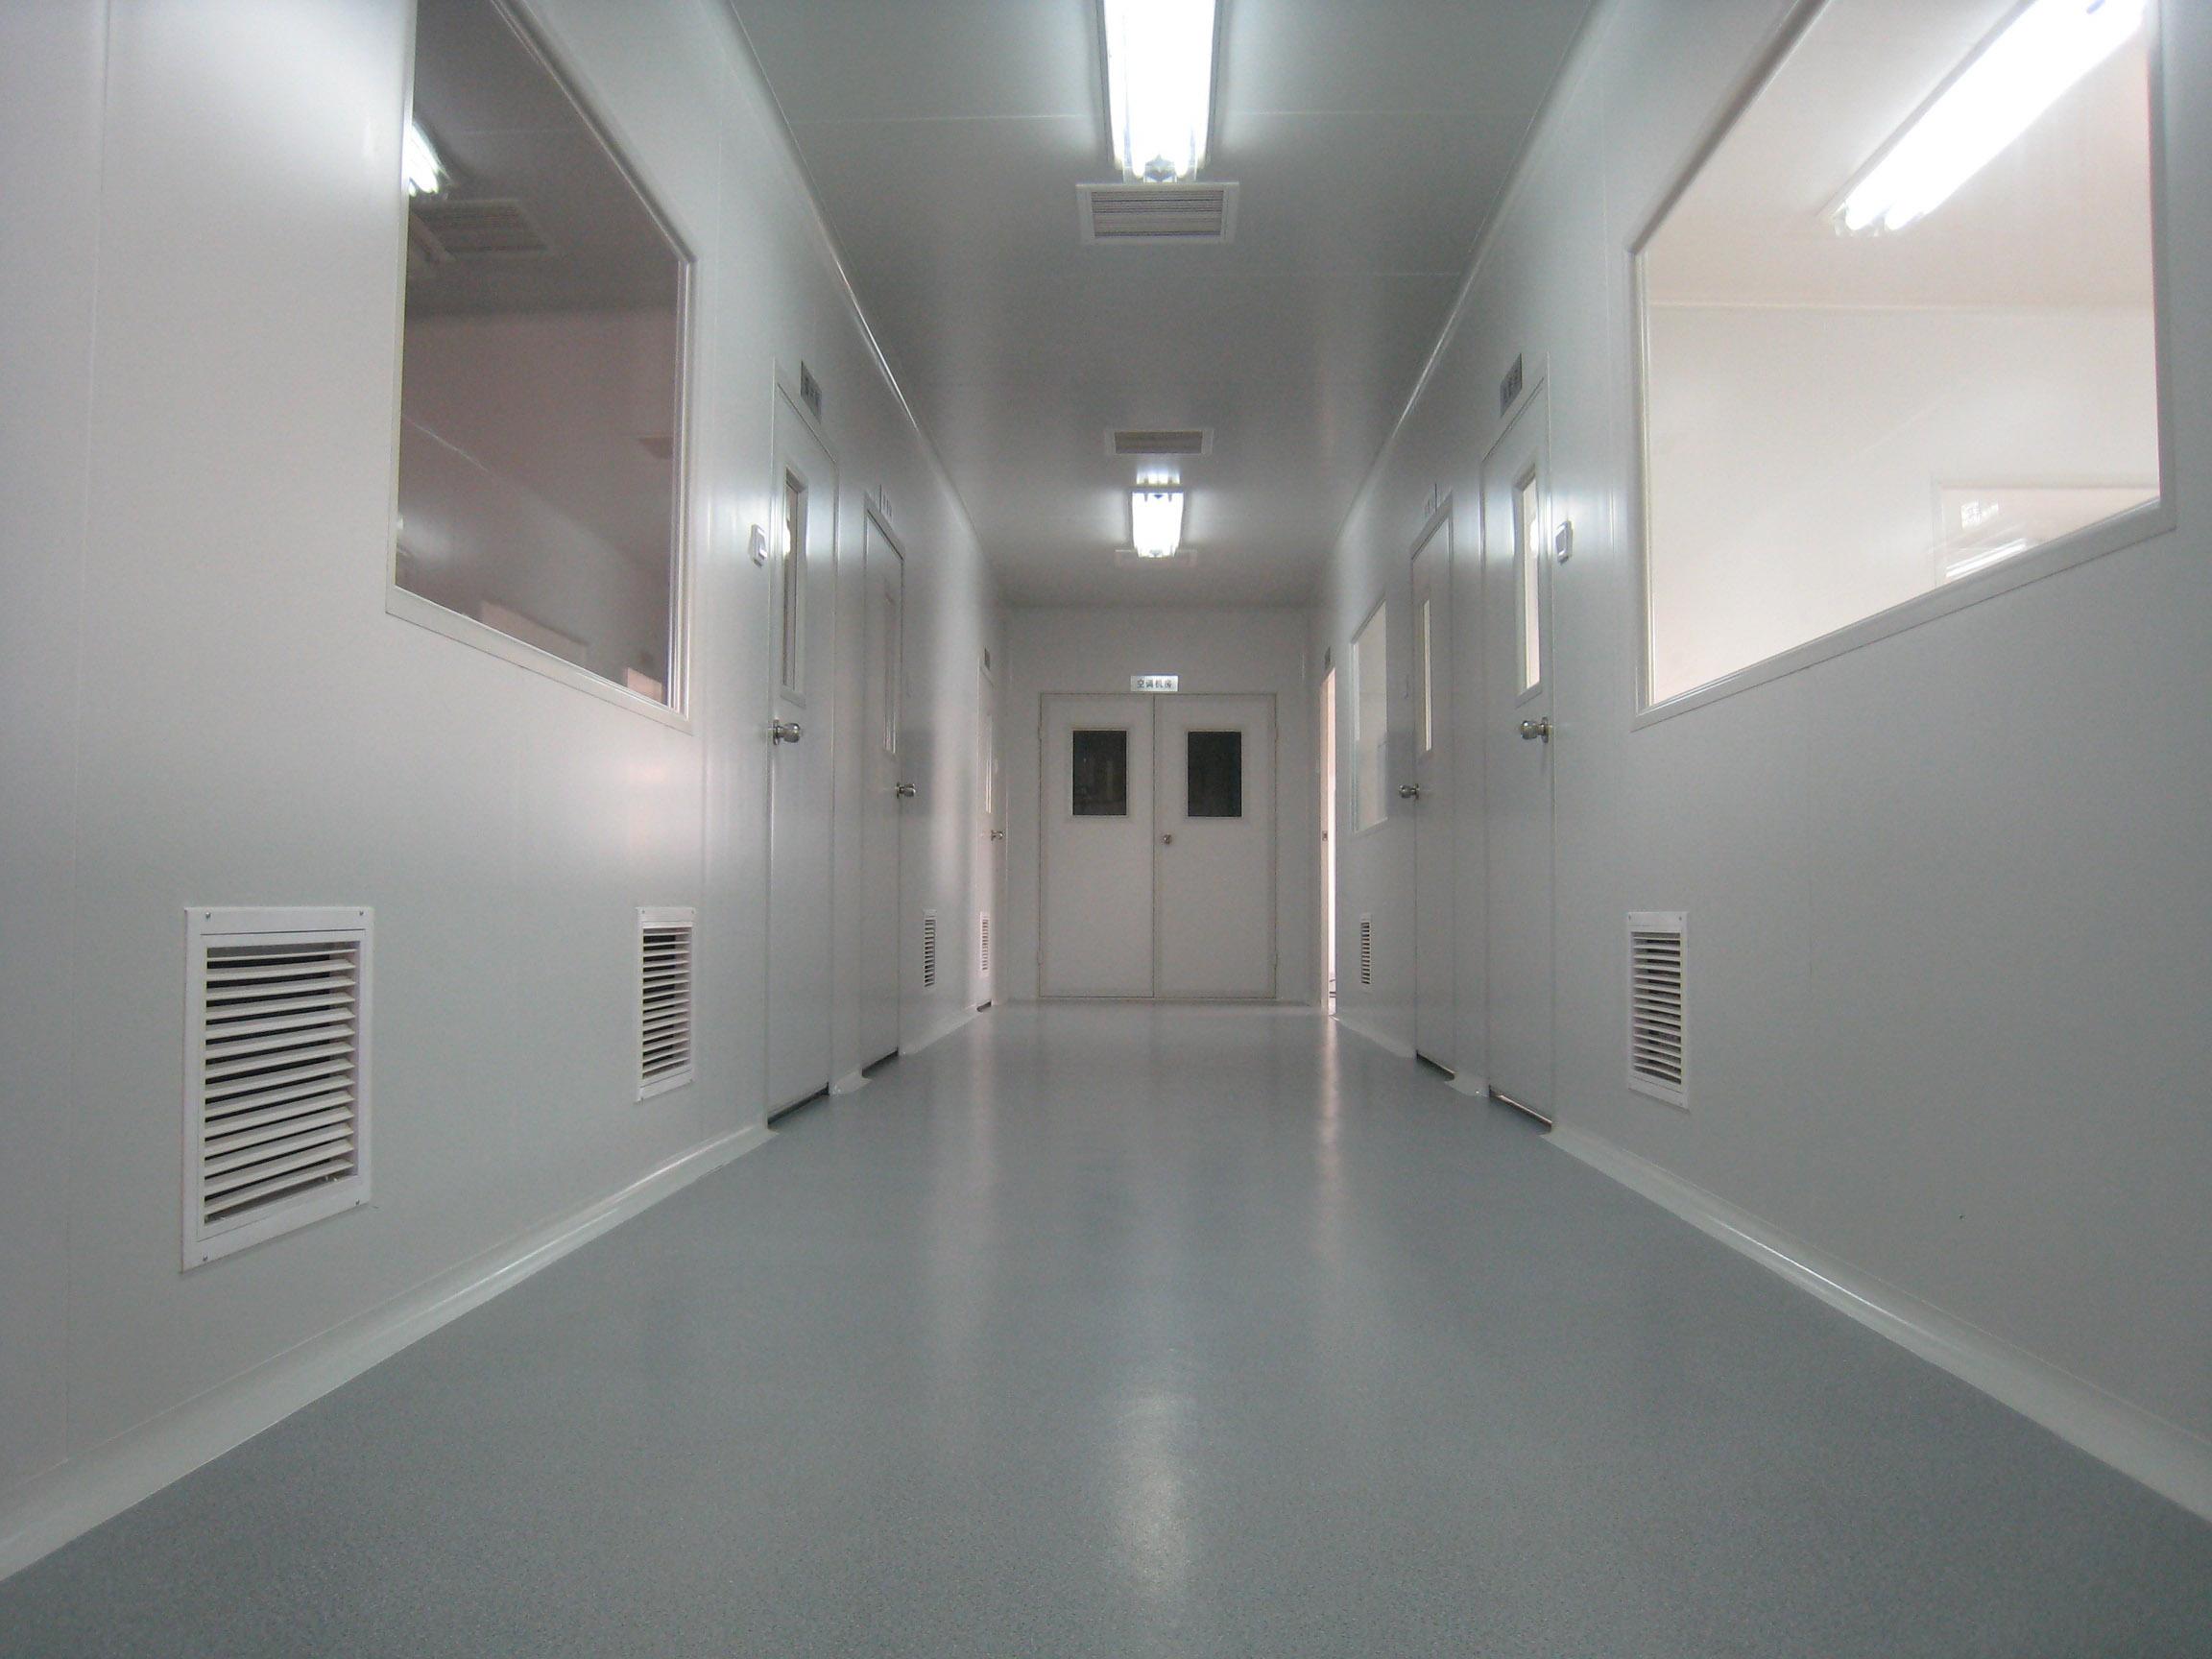 Clean Room Flooring